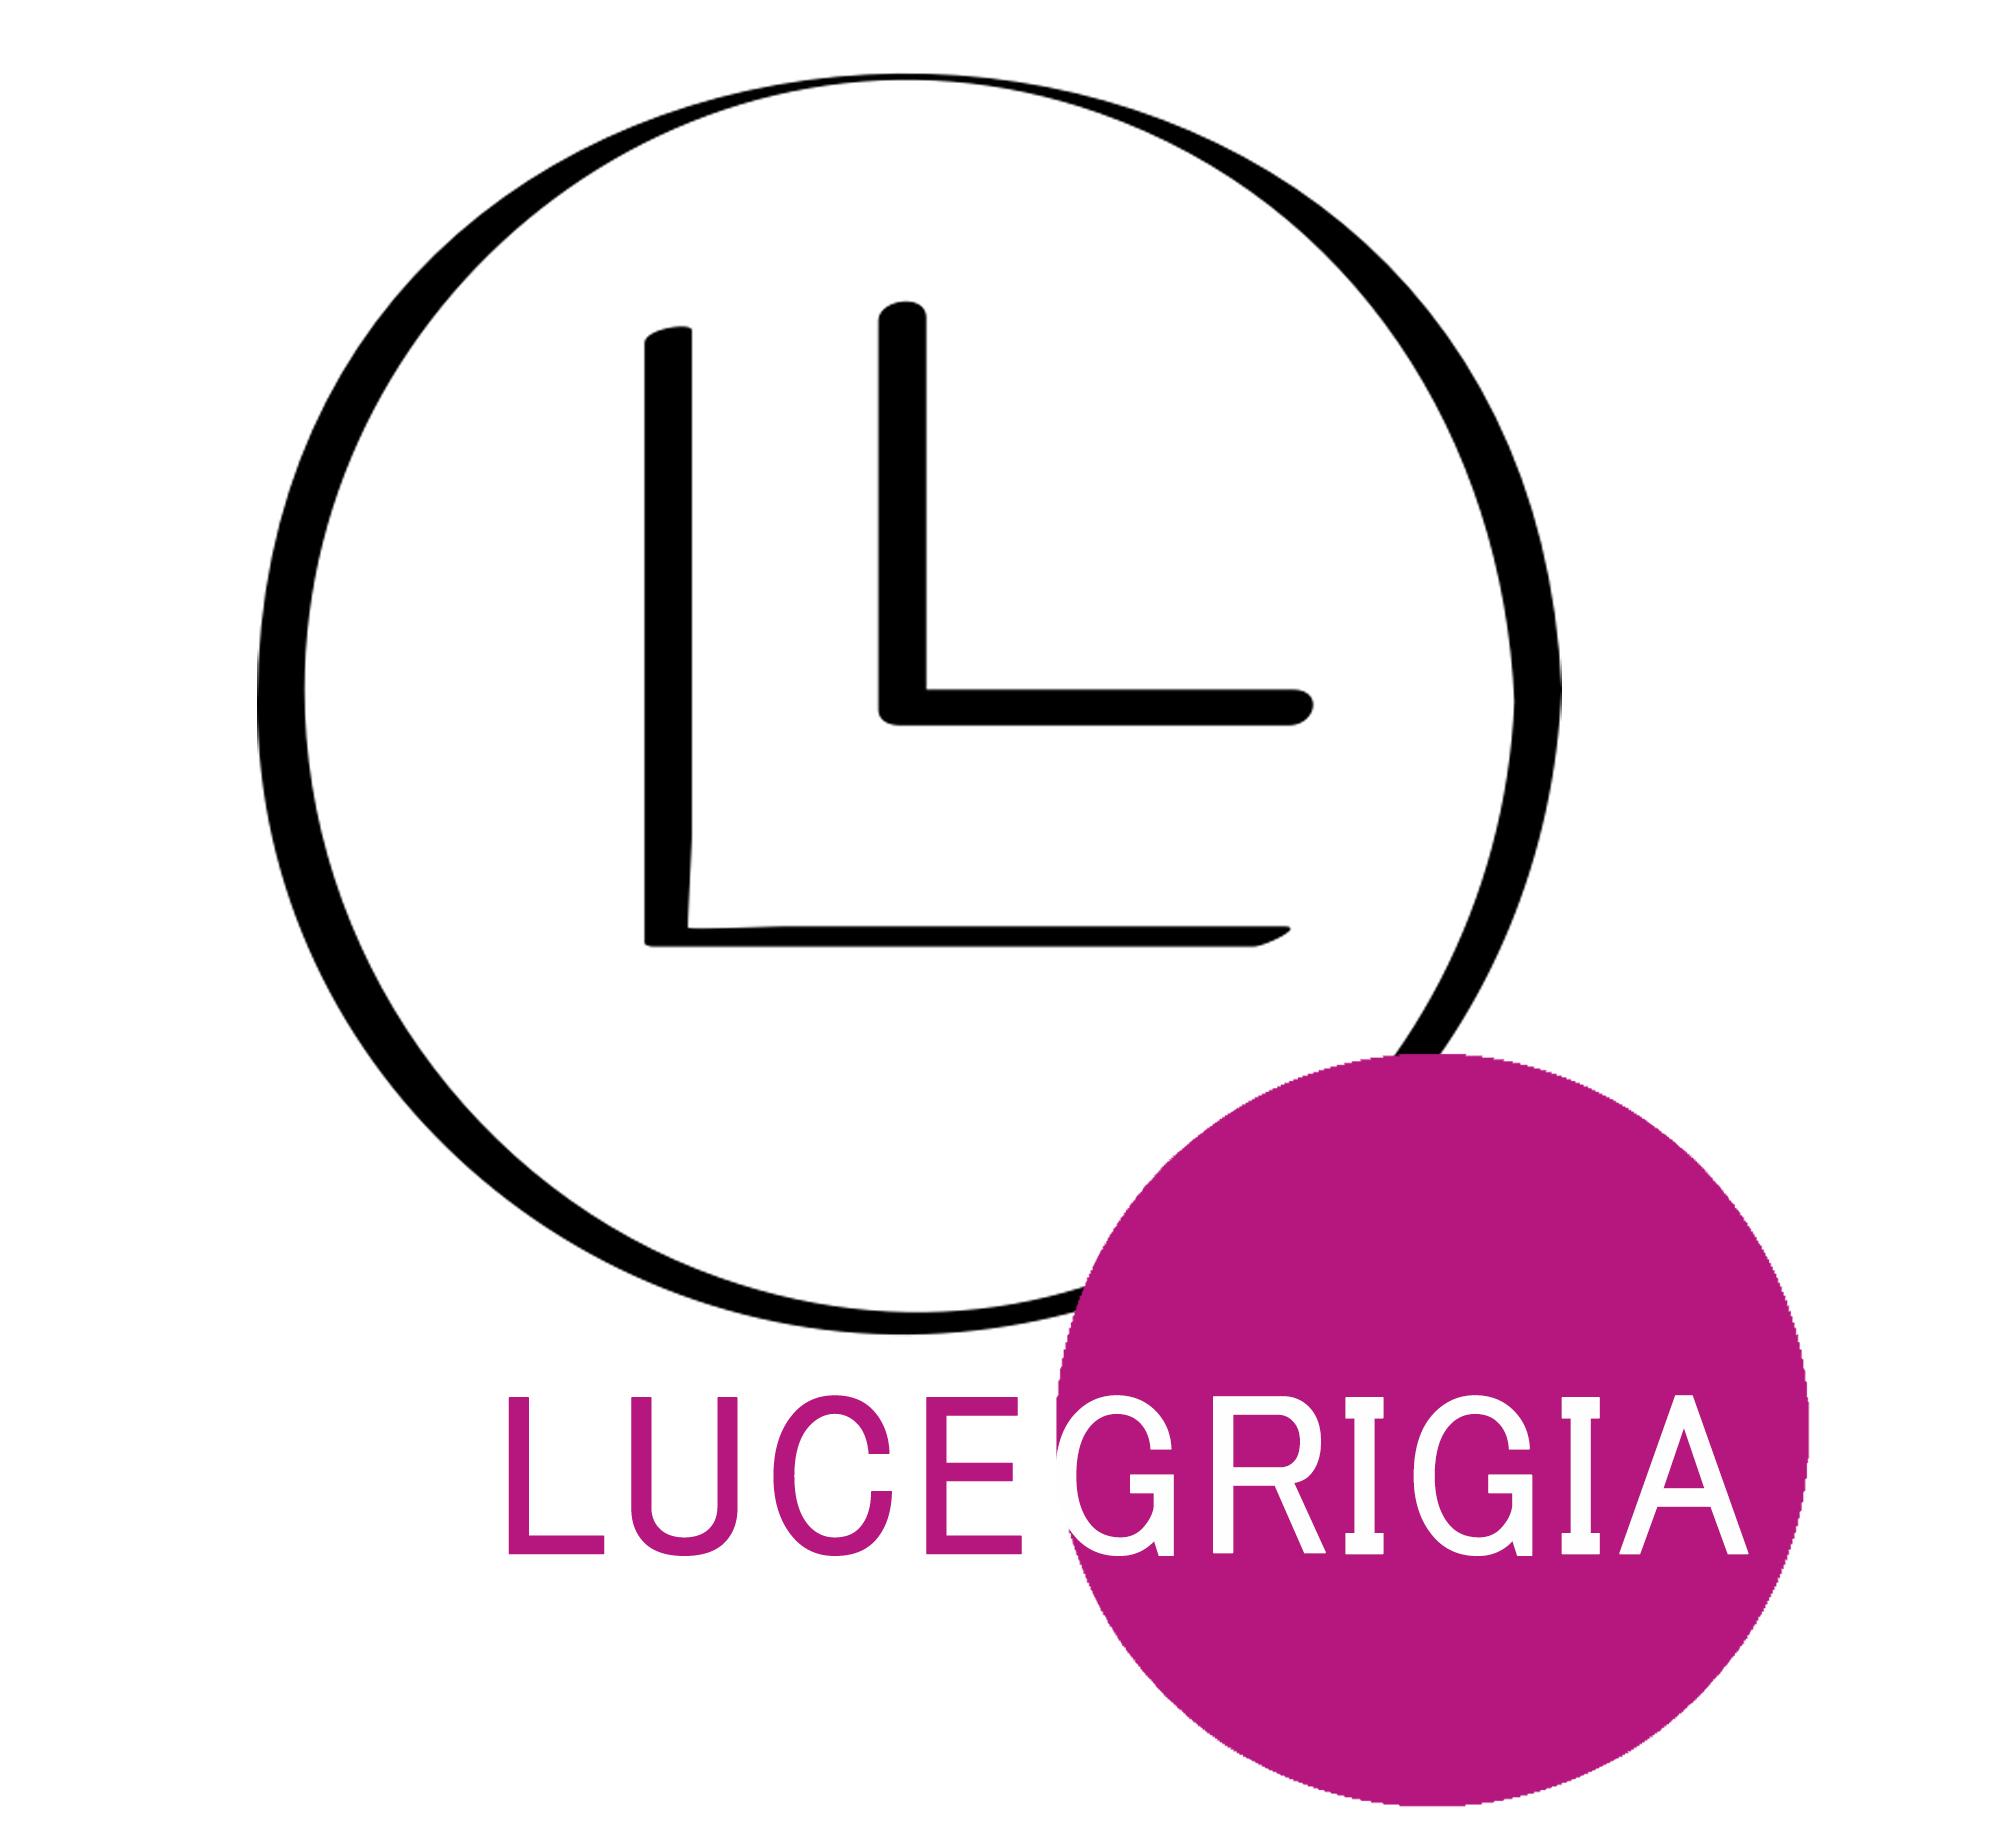 LuceGrigia